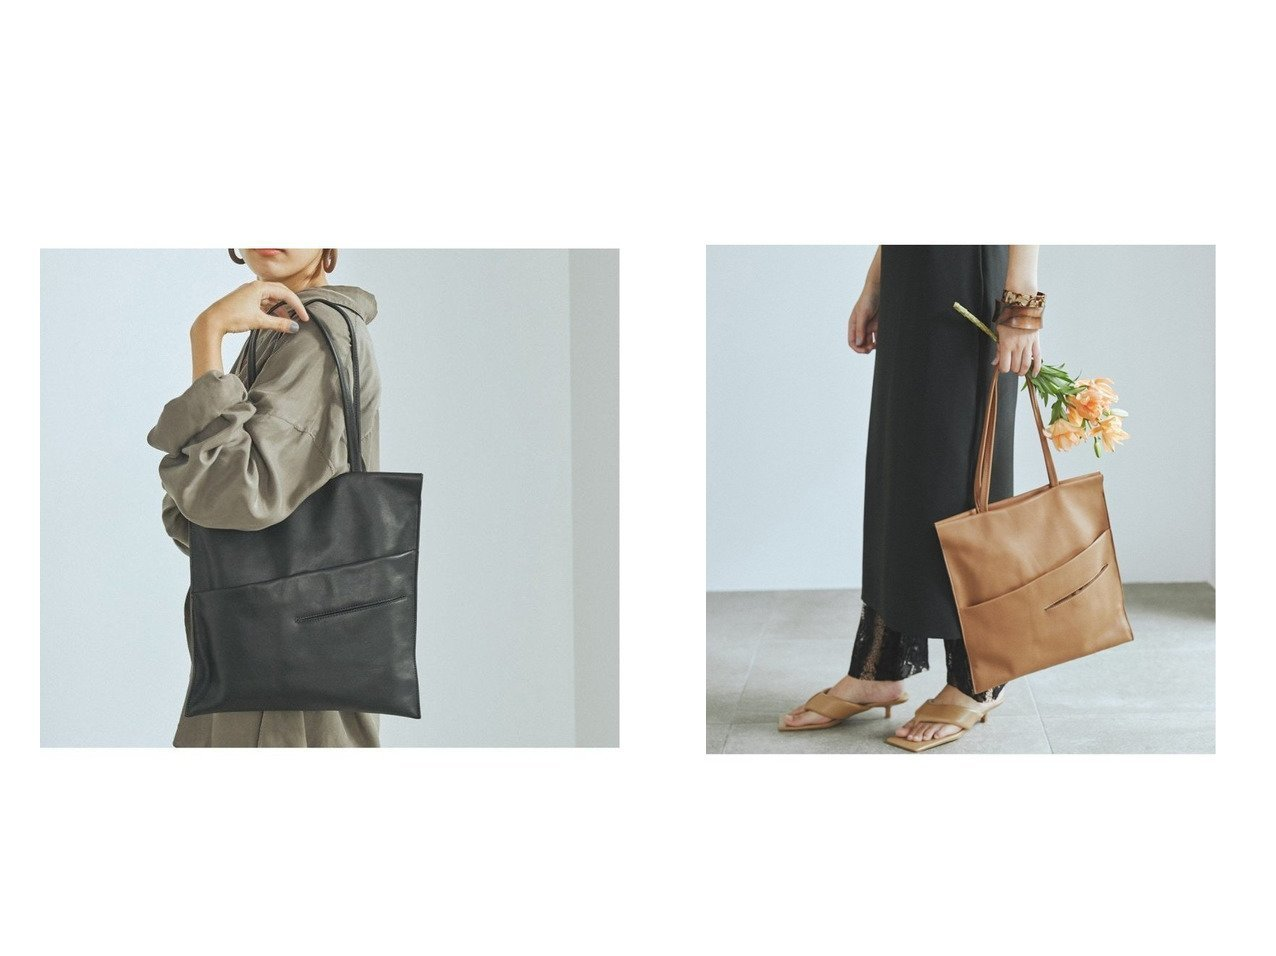 【TOPKAPI/トプカピ】のスムースフラット A4 トートバッグ バッグ・鞄のおすすめ!人気、トレンド・レディースファッションの通販 おすすめで人気の流行・トレンド、ファッションの通販商品 メンズファッション・キッズファッション・インテリア・家具・レディースファッション・服の通販 founy(ファニー) https://founy.com/ ファッション Fashion レディースファッション WOMEN バッグ Bag NEW・新作・新着・新入荷 New Arrivals アシンメトリー コンパクト トレンド フラット ポケット |ID:crp329100000025030